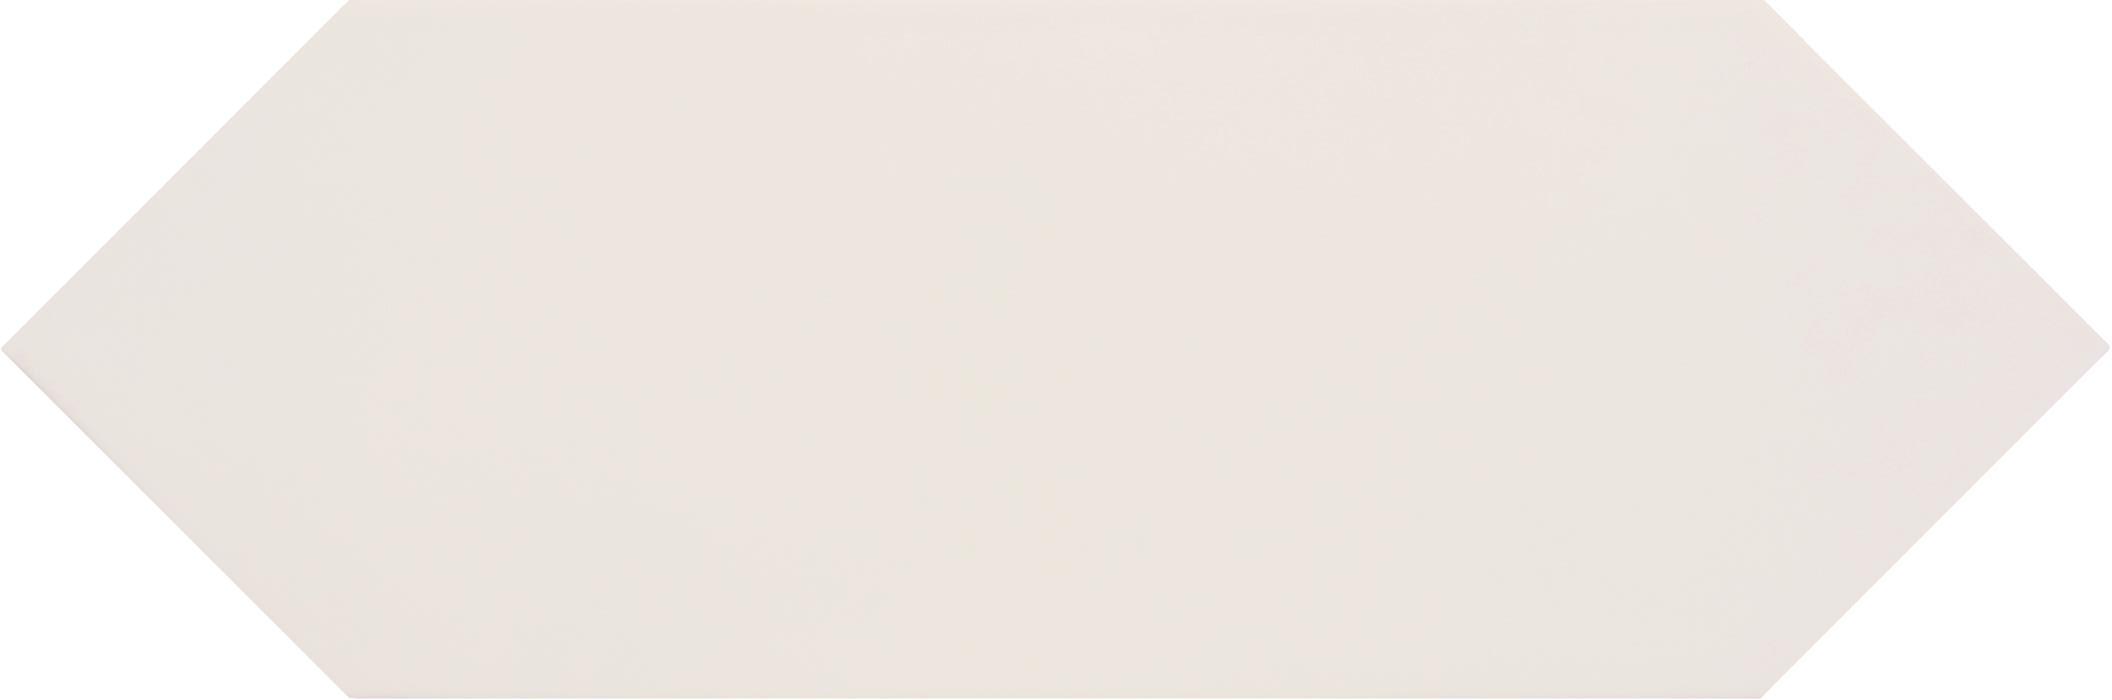 Kite White 10x30 cm